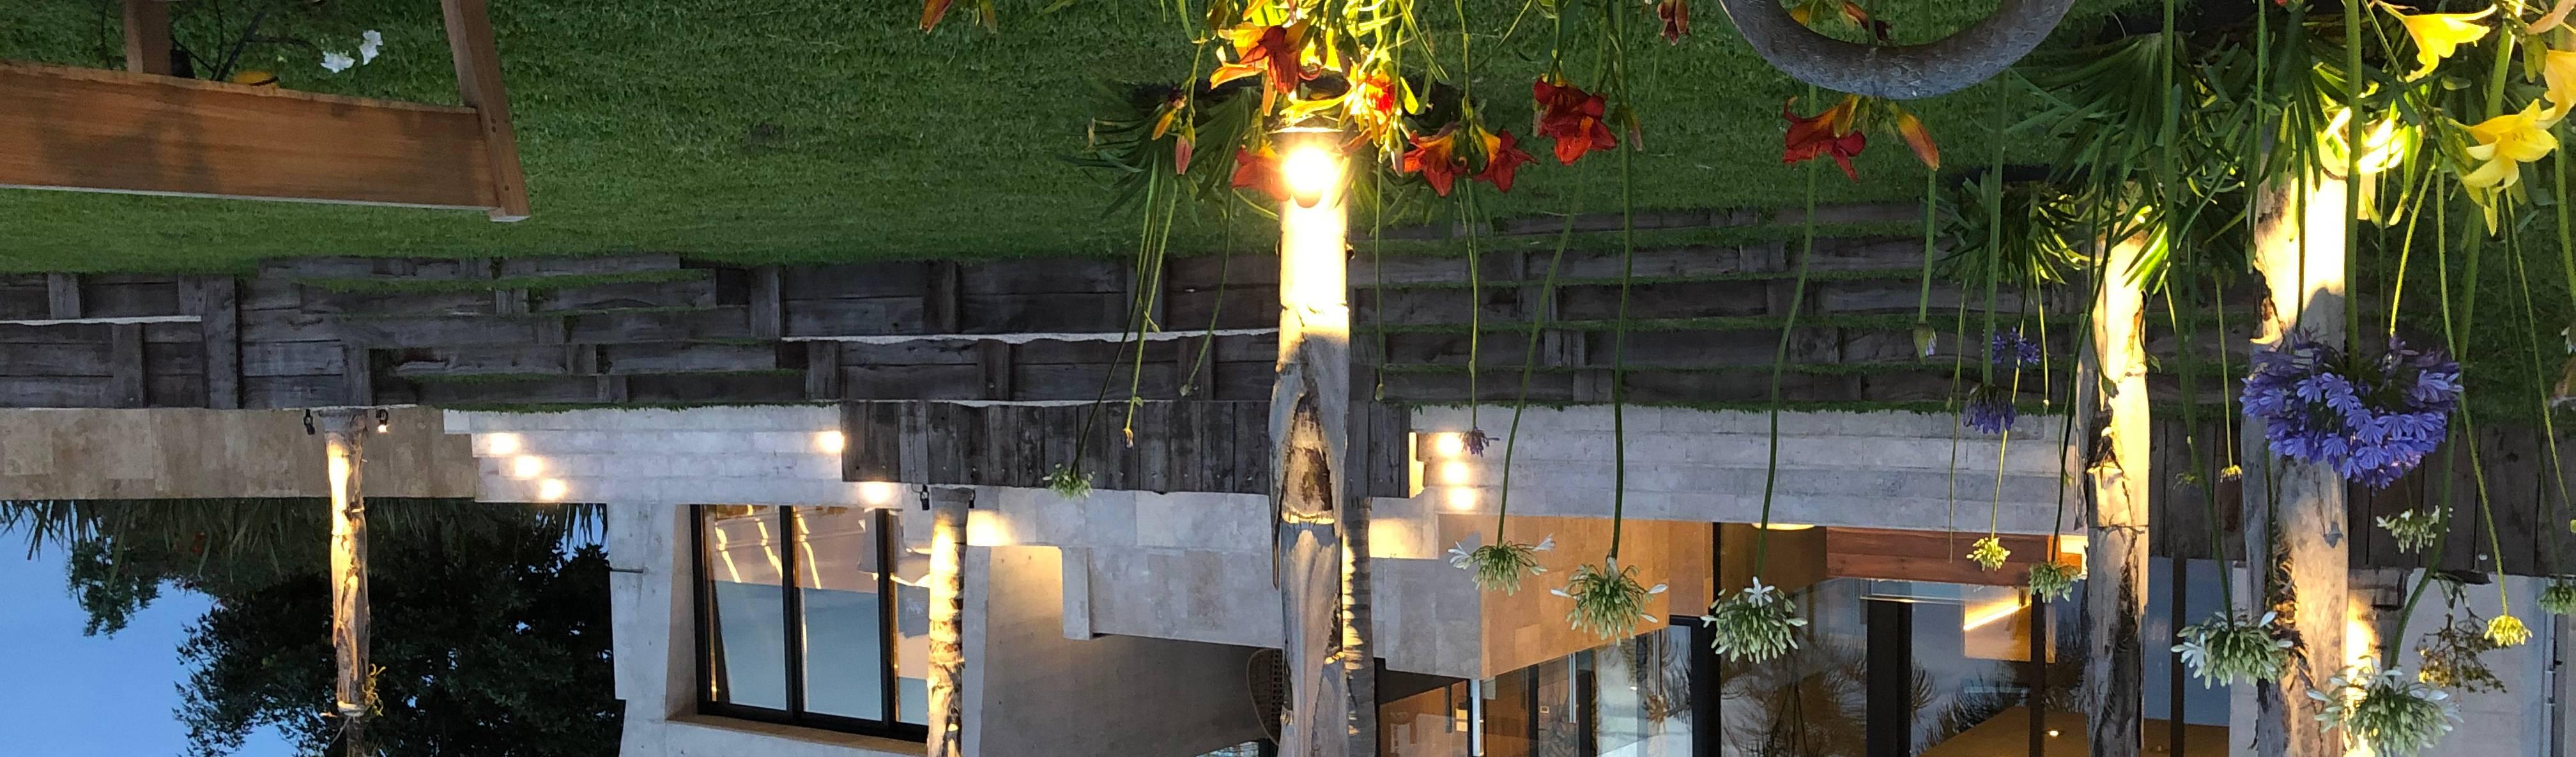 Maximiliano Lago Arquitectura—Estudio Azteca